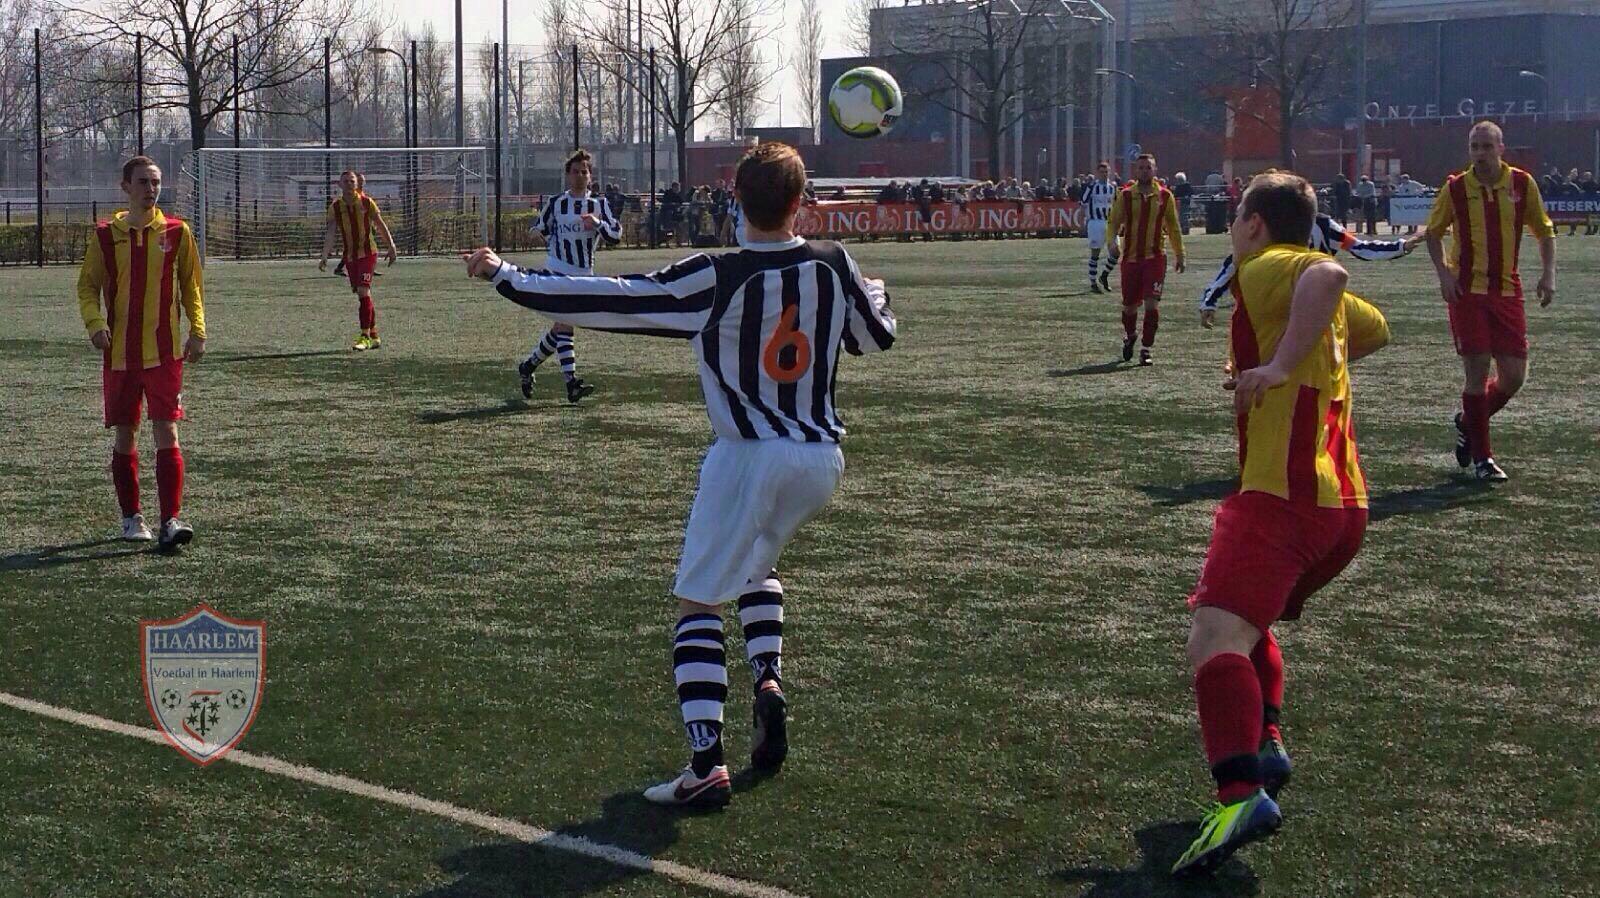 Onze Gezellen - DSK - Voetbal in Haarlem